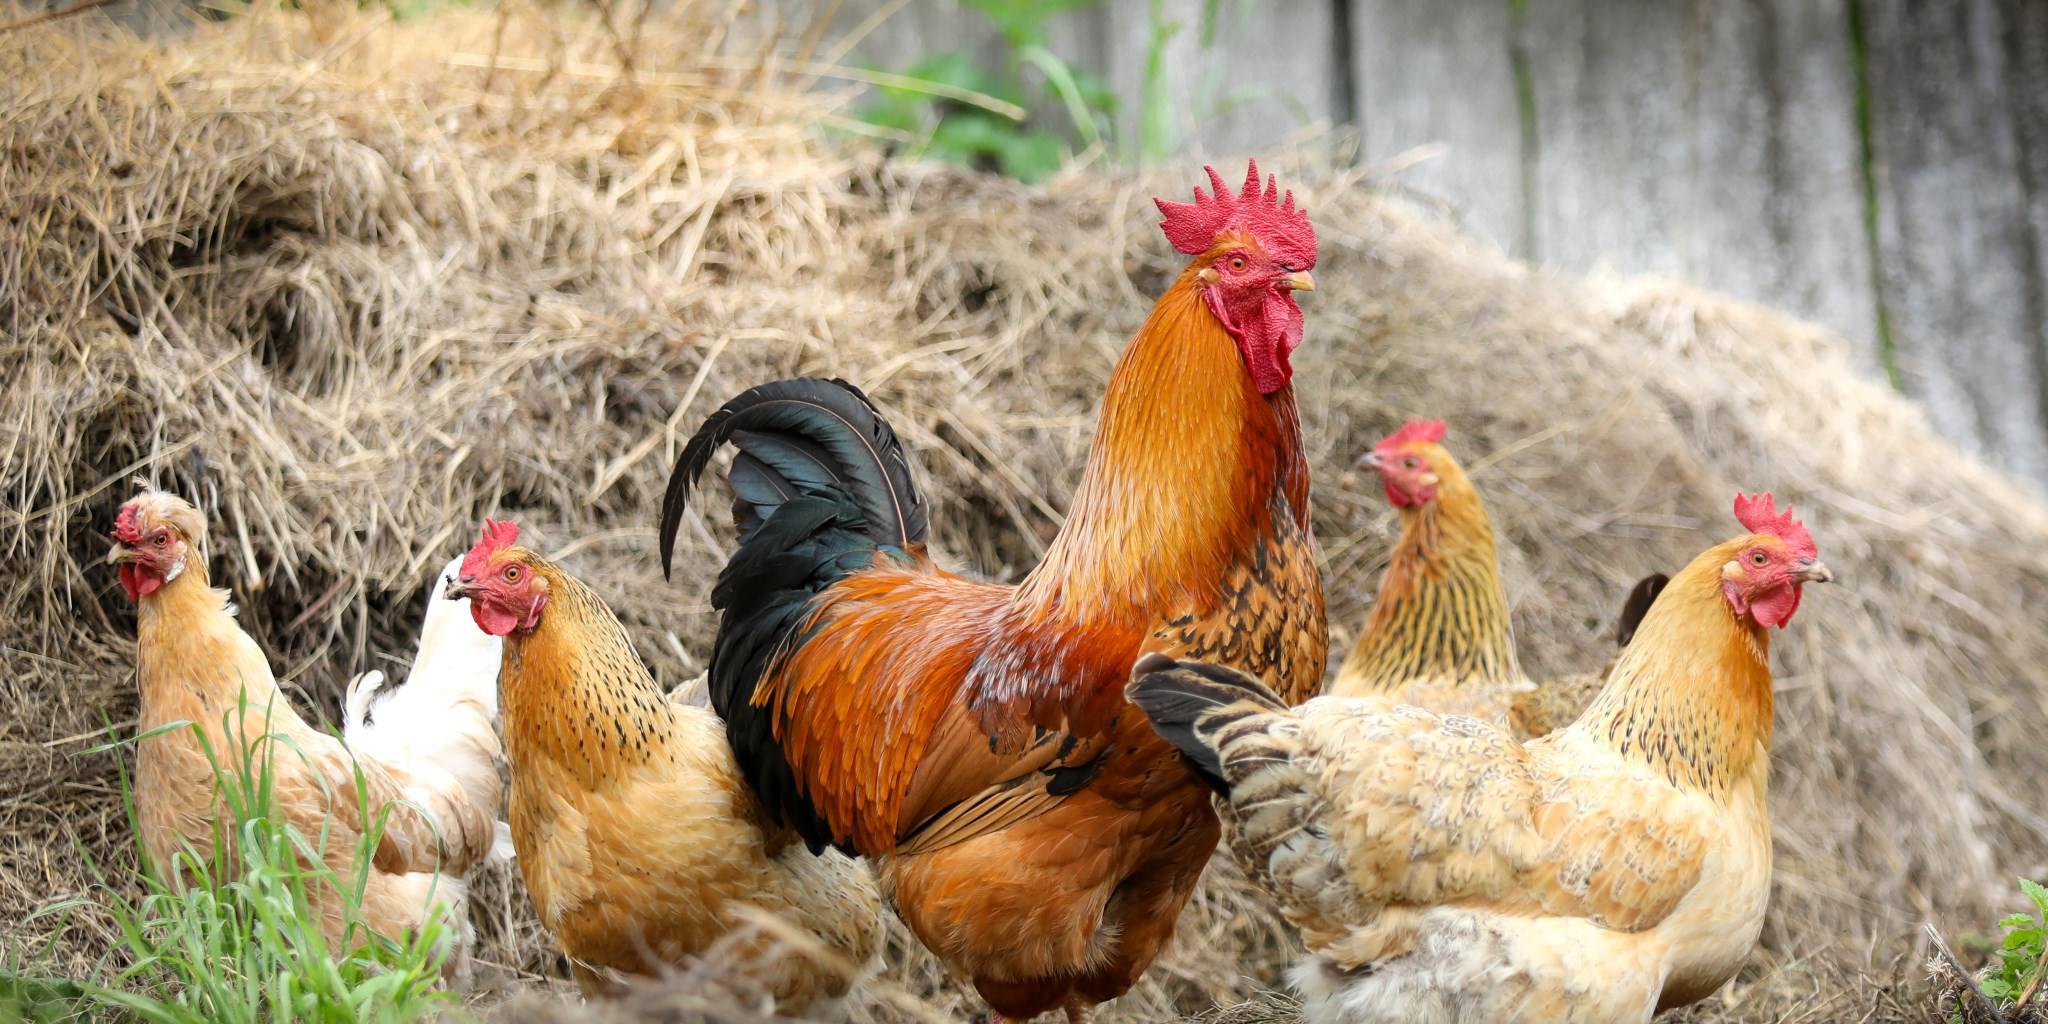 Home Farming - mehr als ein Trend!